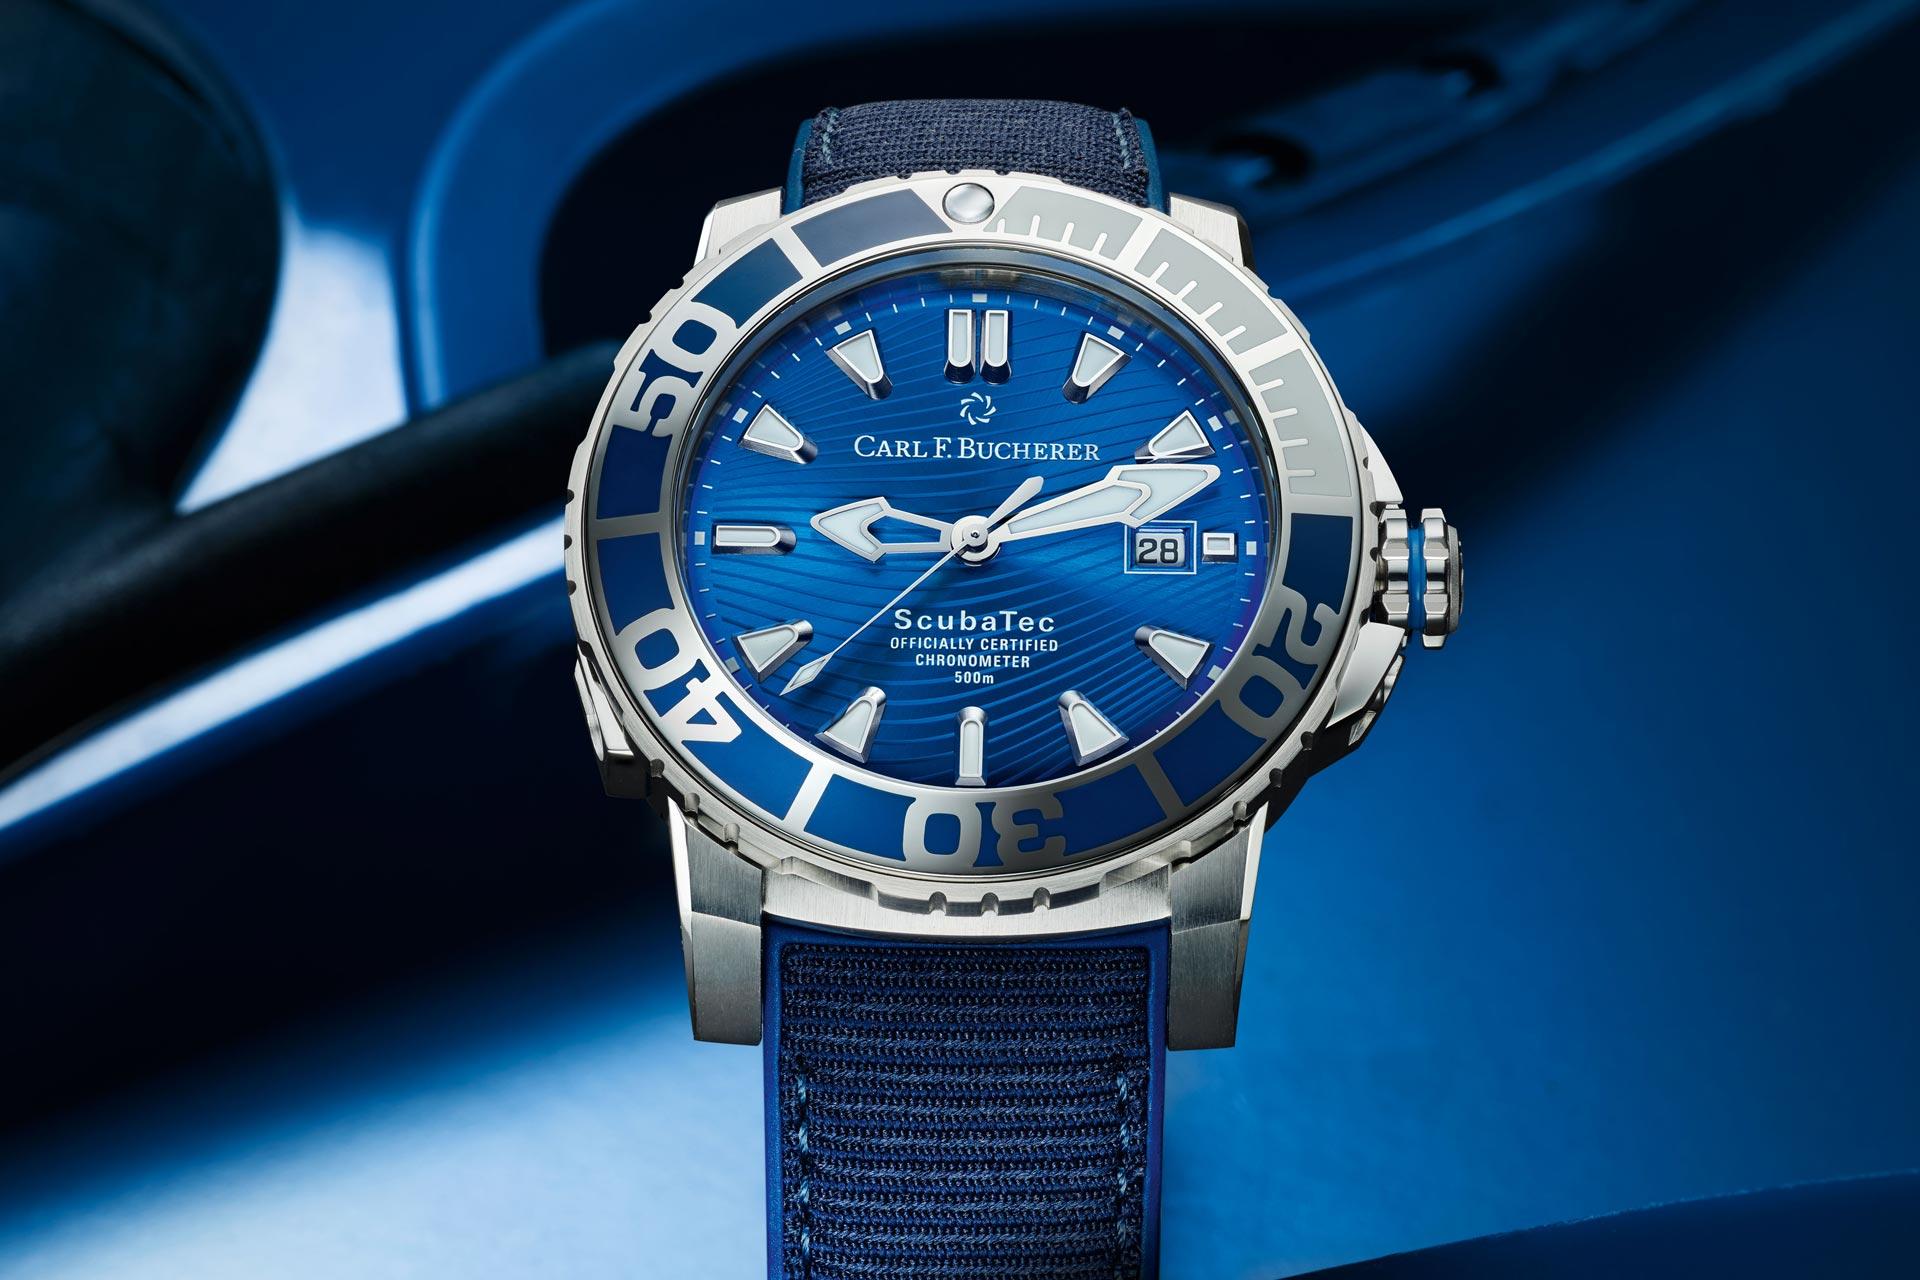 【2021線上錶展】為深潛探險而生:Carl F. Bucherer深潛腕錶馬爾地夫特別版